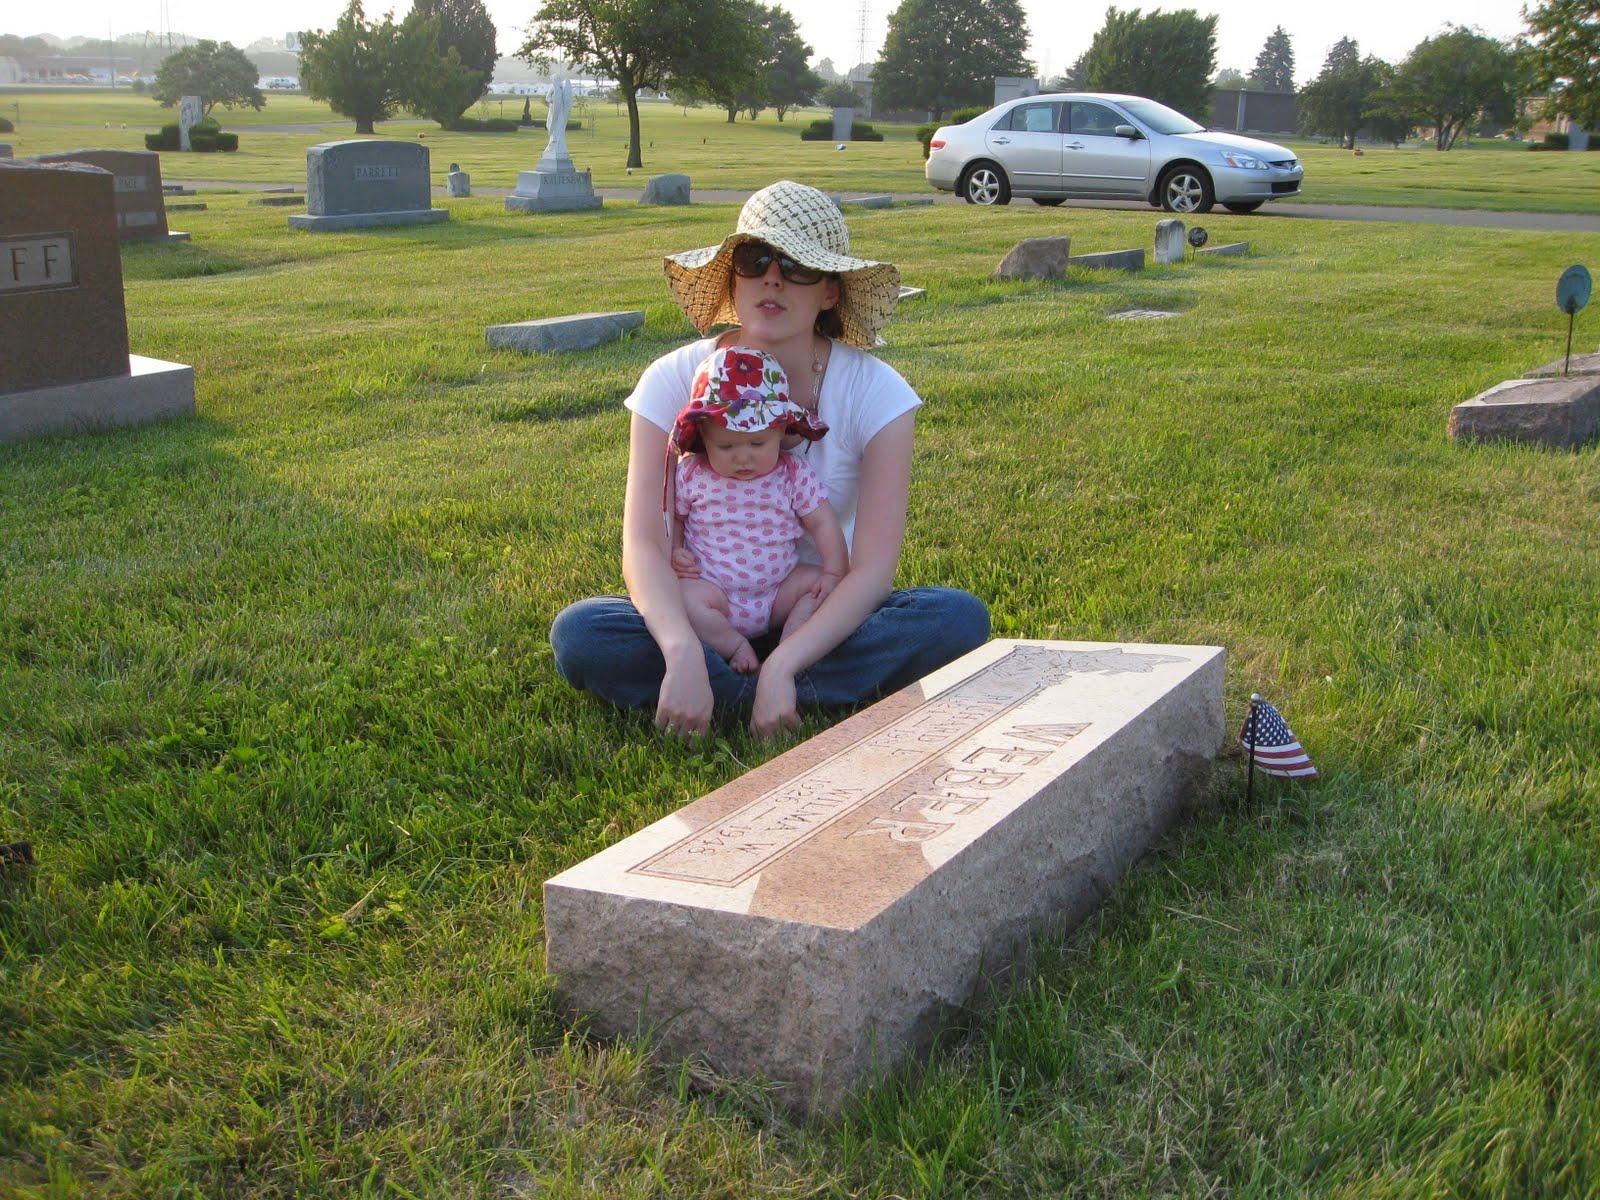 http://2.bp.blogspot.com/_VzR3ueVWGdg/TCN6EQO3INI/AAAAAAAAAts/EfKhM4fmKMw/s1600/Lily+Visits+Wilma+019.JPG